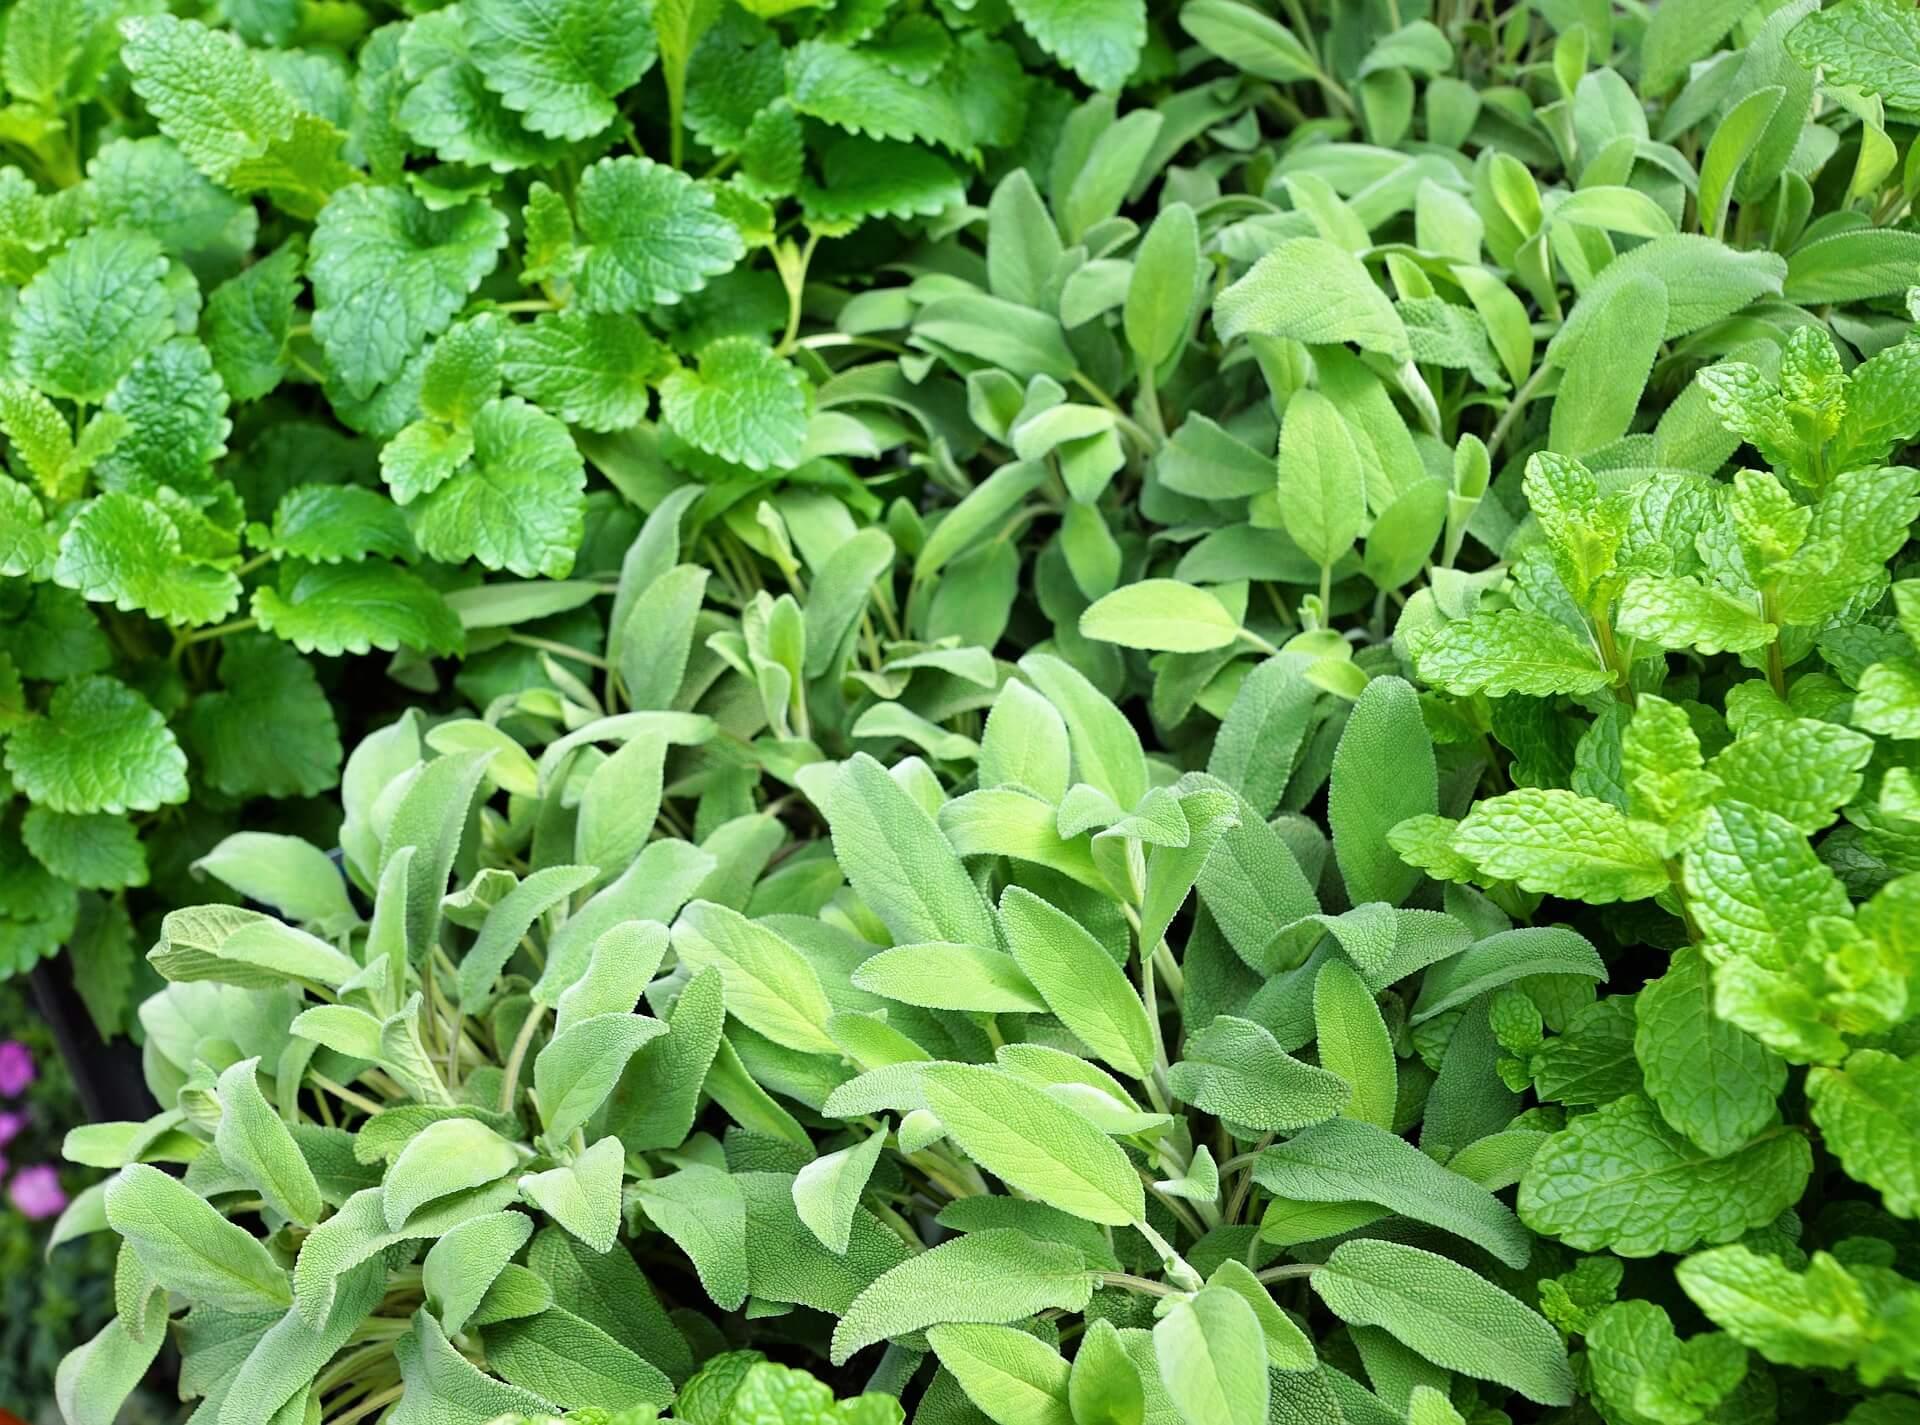 Piante aromatiche in vaso vivaio scariot for Coltivazione basilico in vaso